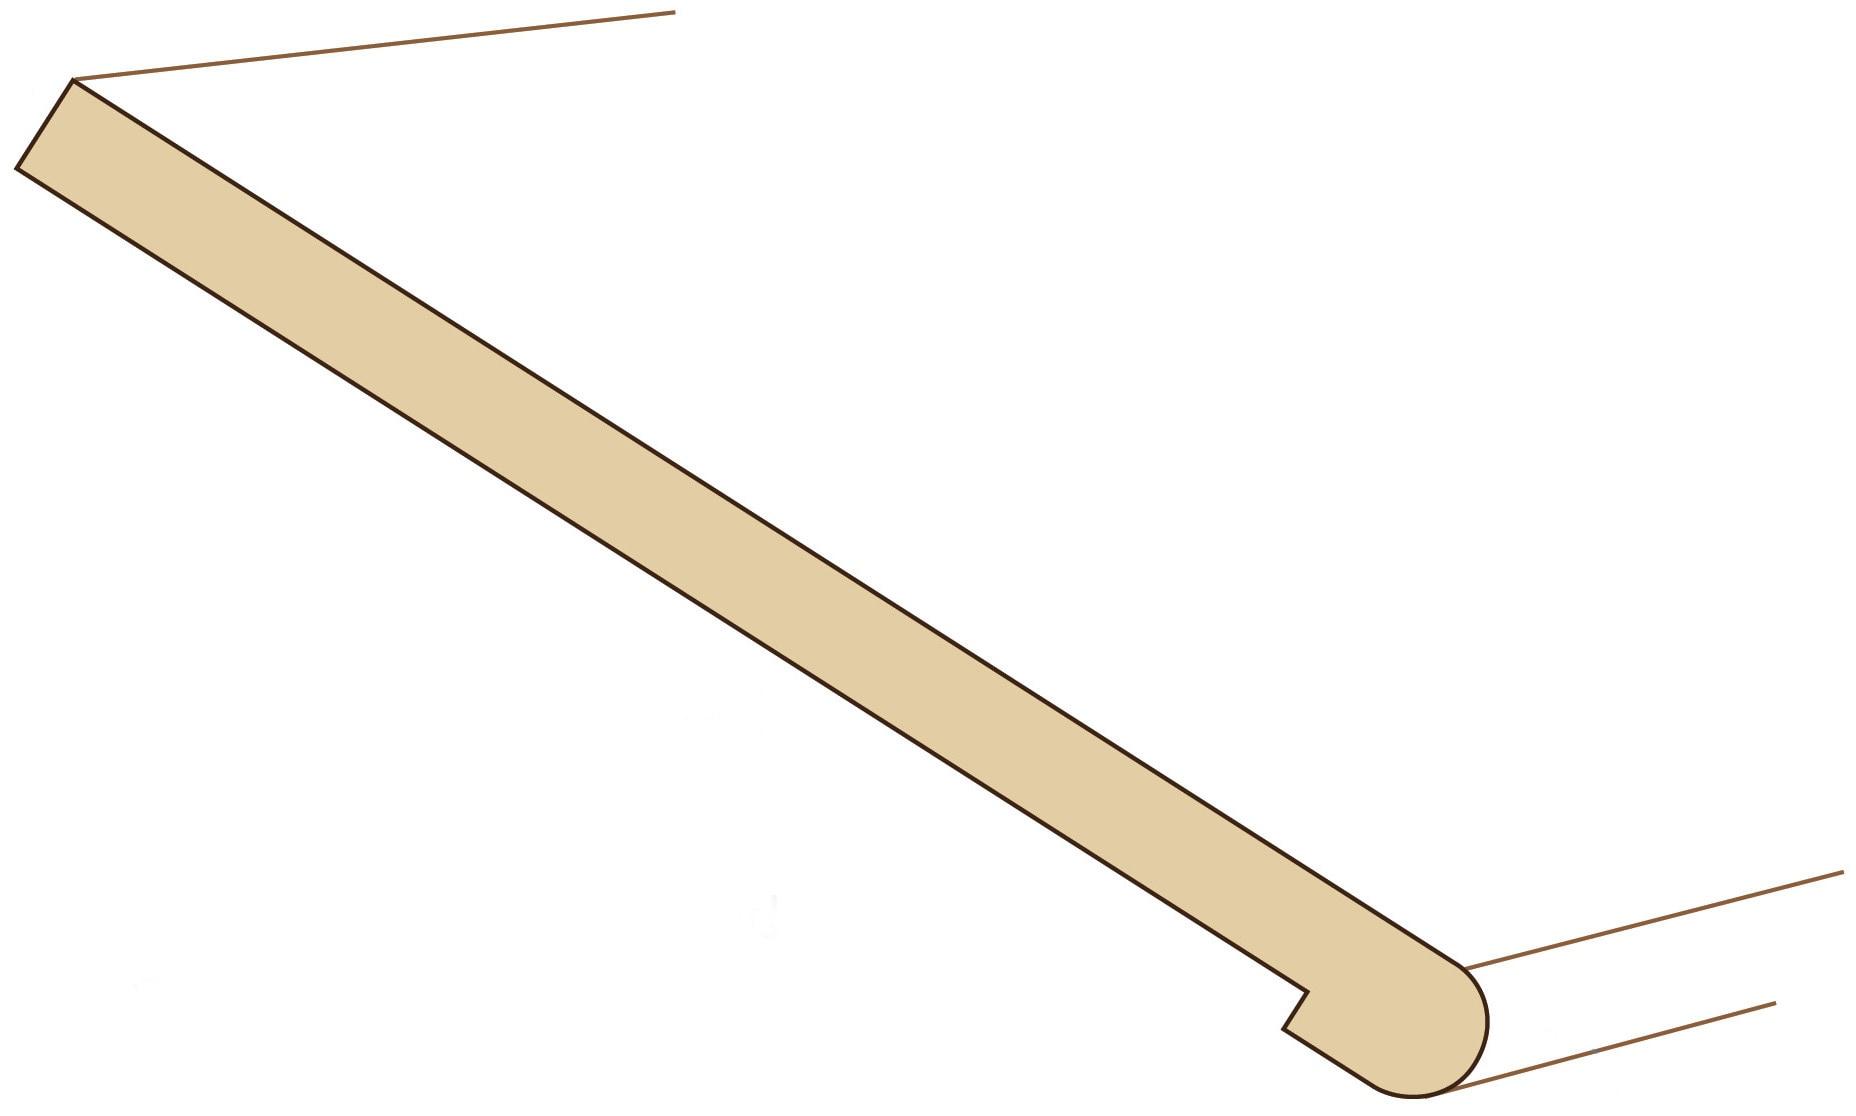 """Walnut / Stair Tread / 42"""" x 11 1/2"""" x 3/4"""" / Semi-Gloss Walnut Treads - Collection 0"""